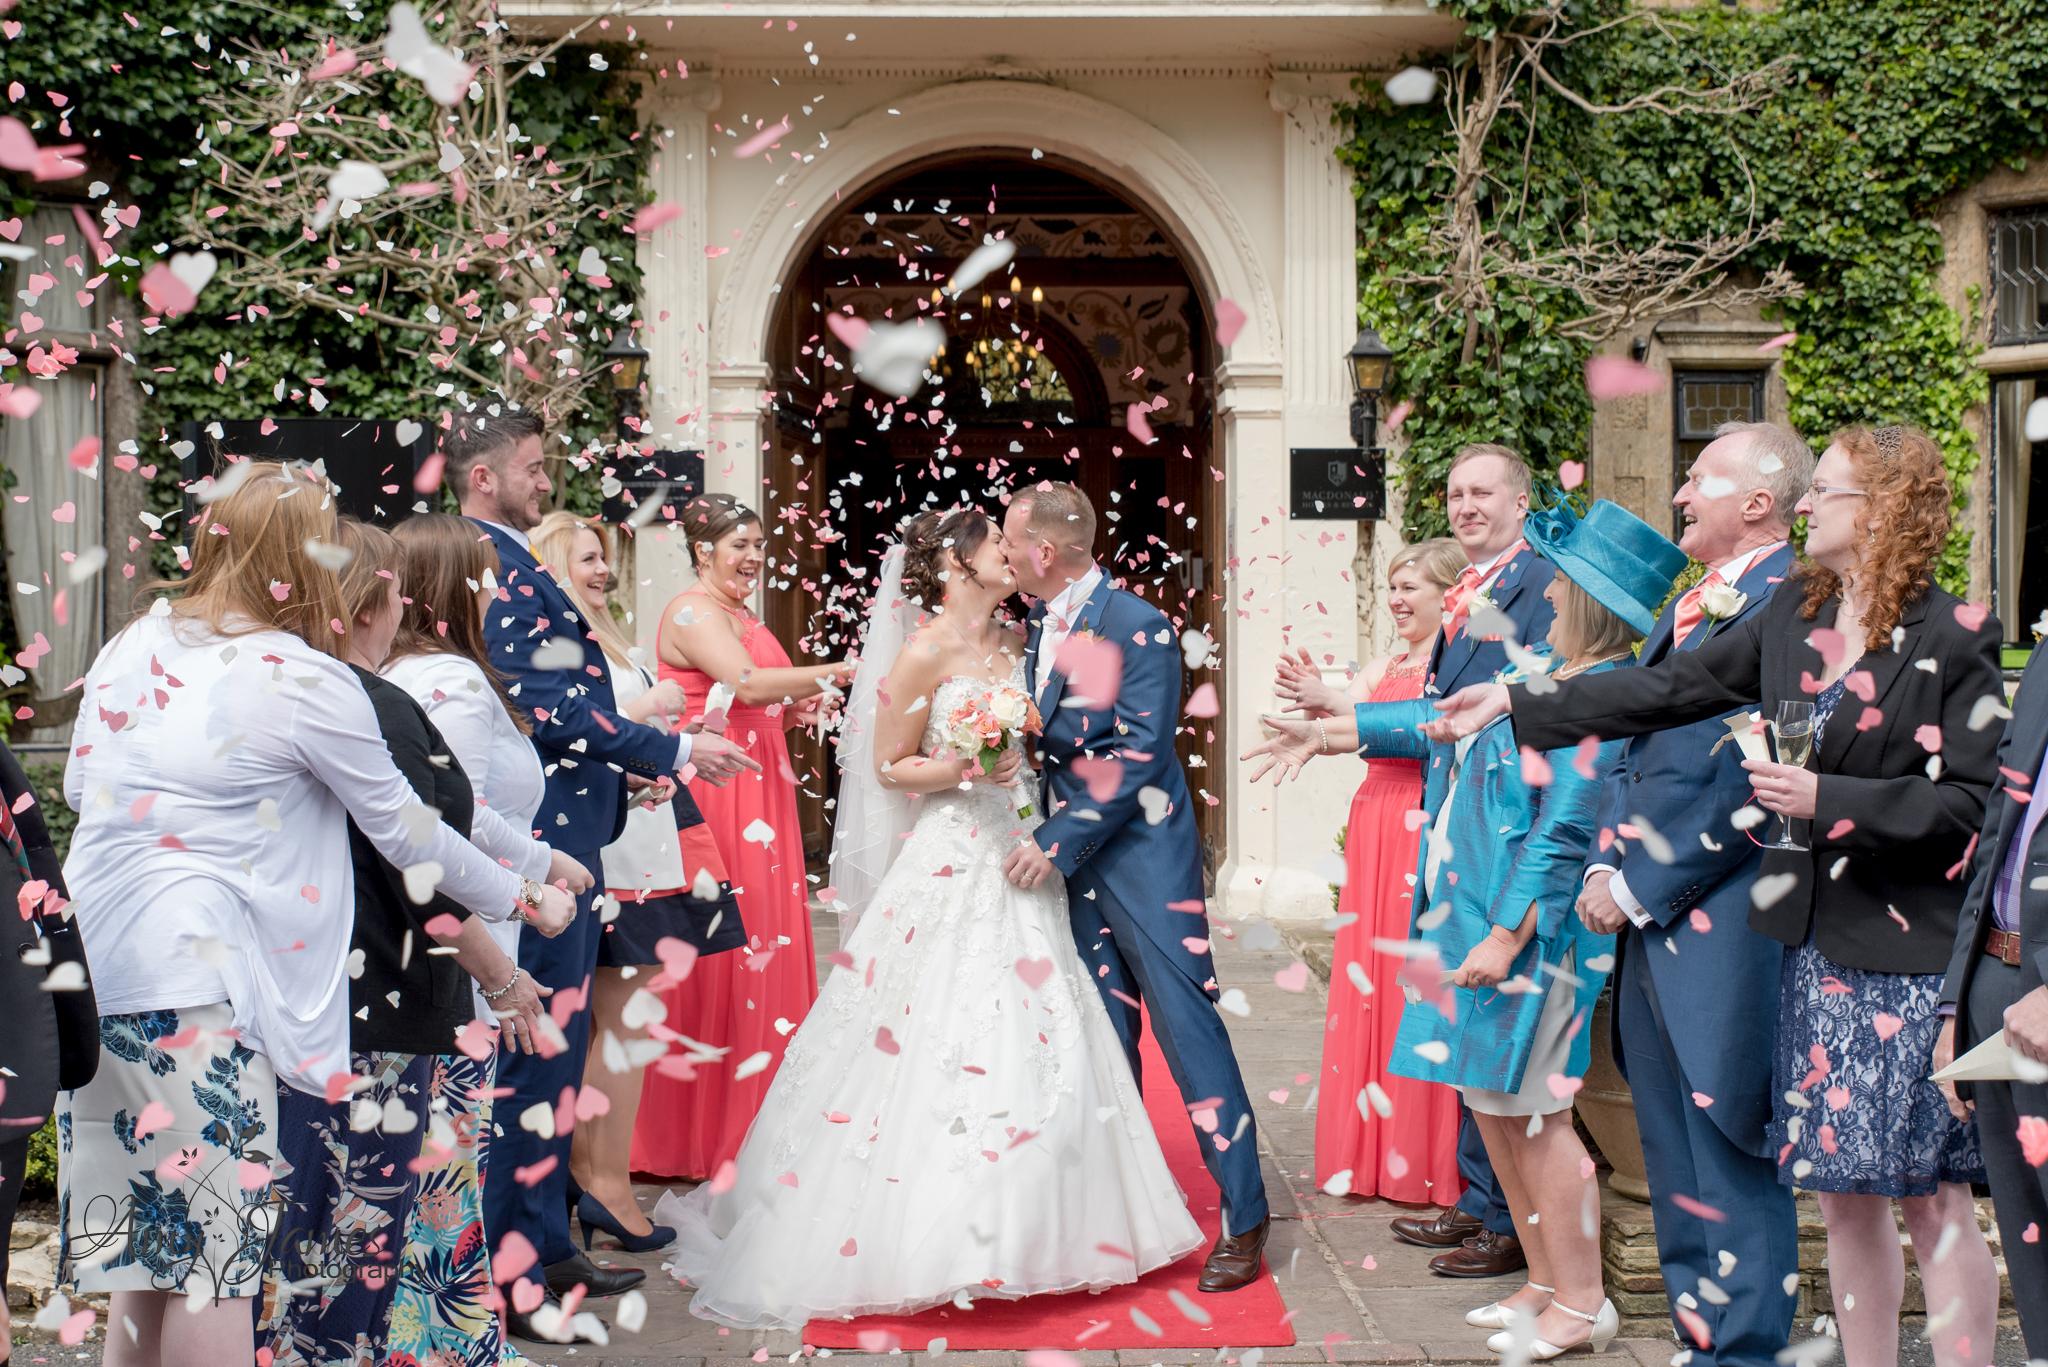 Hampshire wedding photographer // Fleet wedding photographer // Frimley Hall Hotel Wedding // Confetti photo